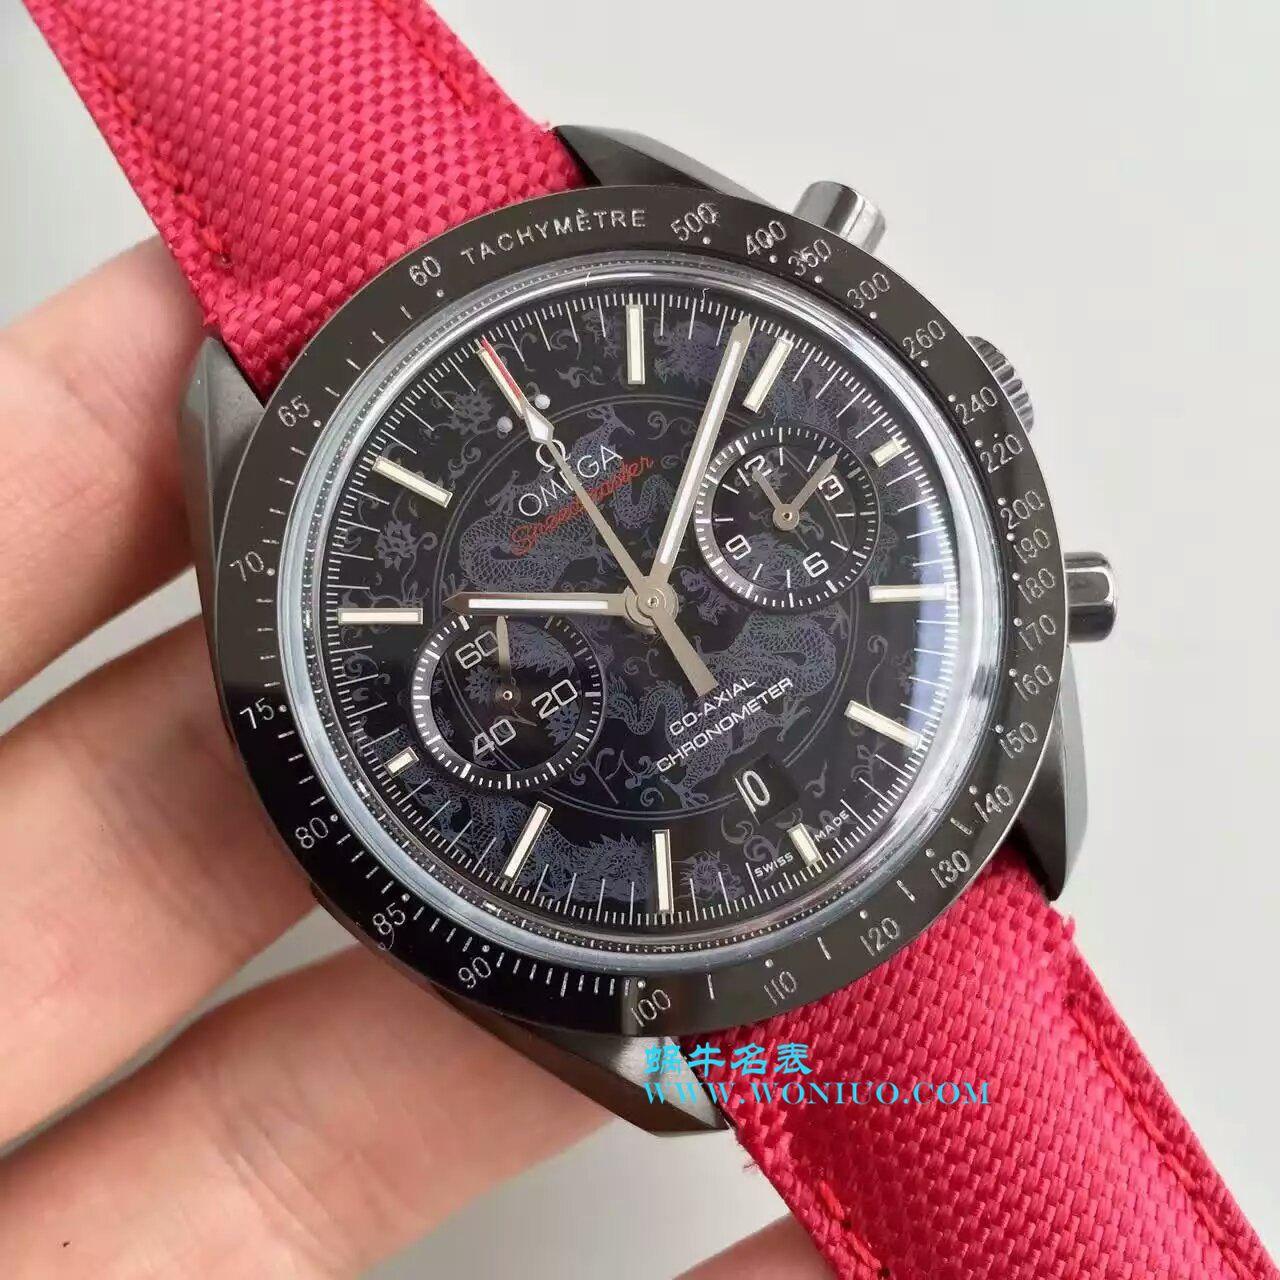 【JH厂1:1顶级复刻手表】欧米茄超霸  月球表系列311.92.44.51.01.007 月之暗面机械腕表 / M009